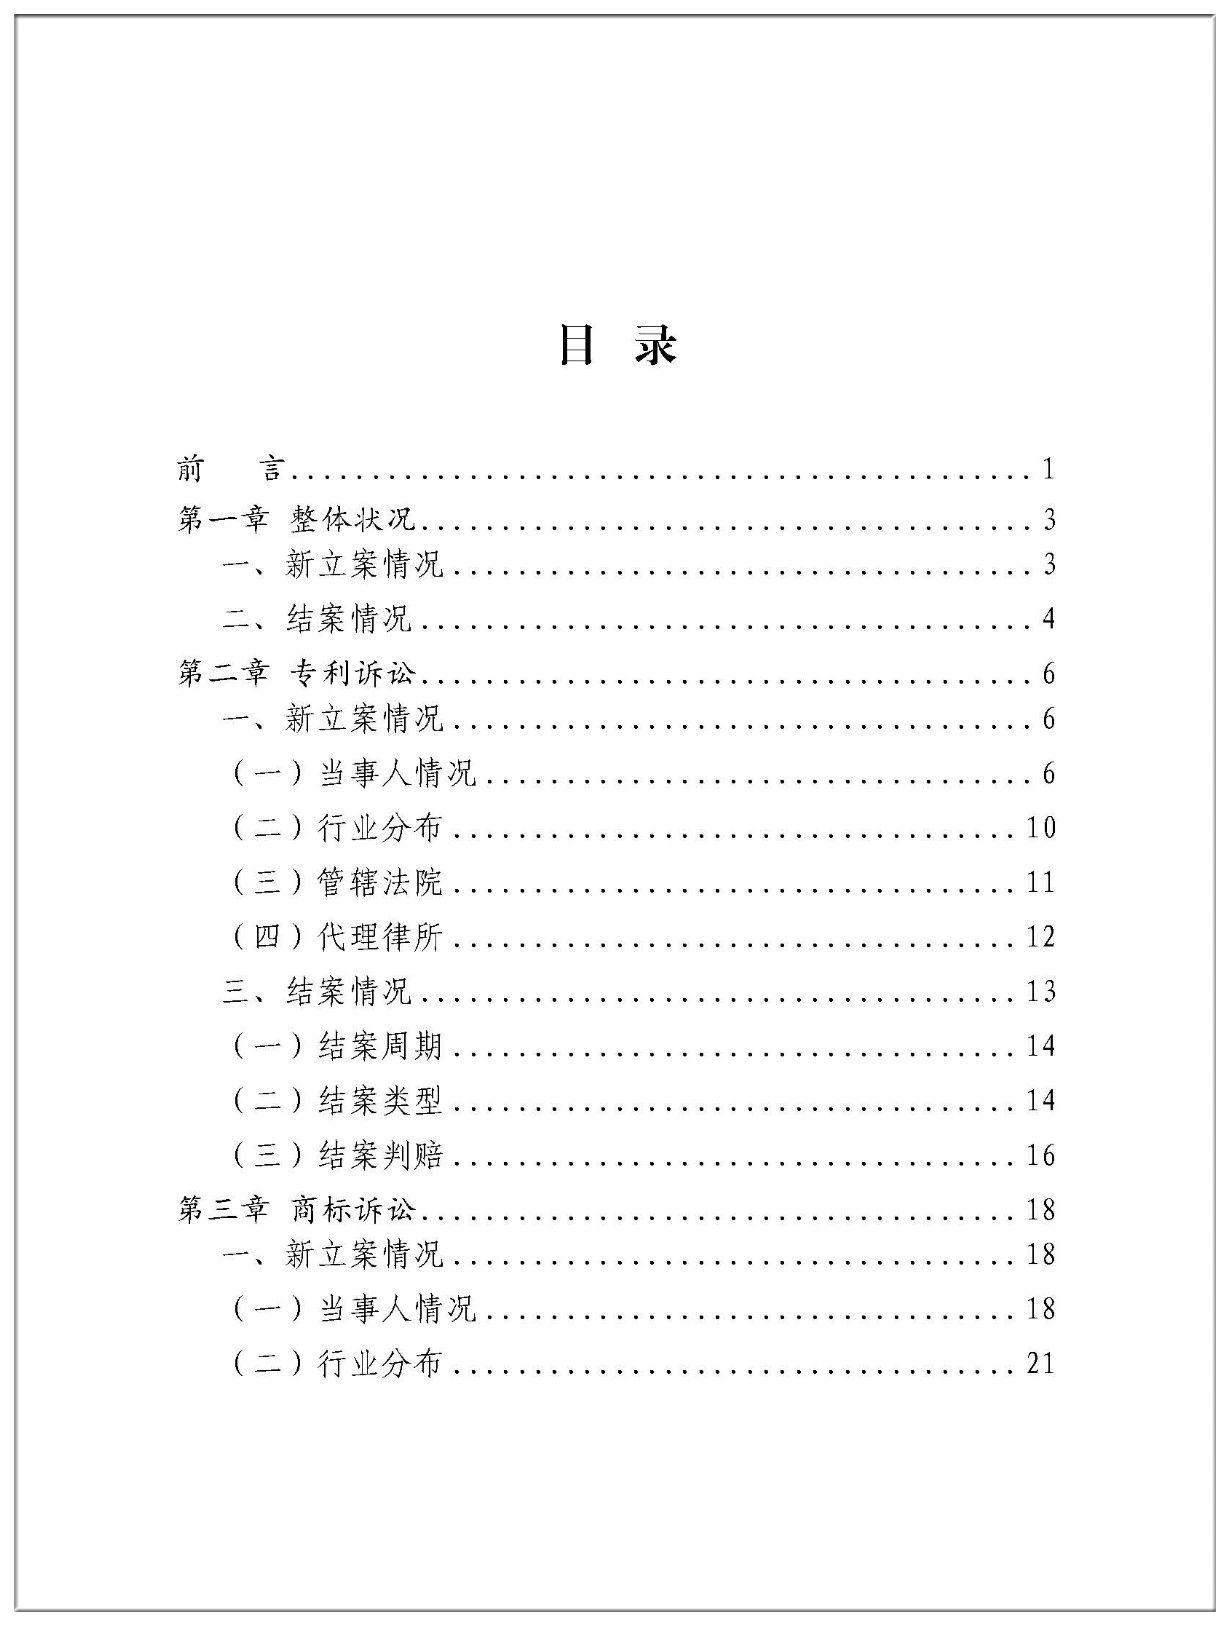 2019年中国企业涉美知识产权诉讼报告(全文)